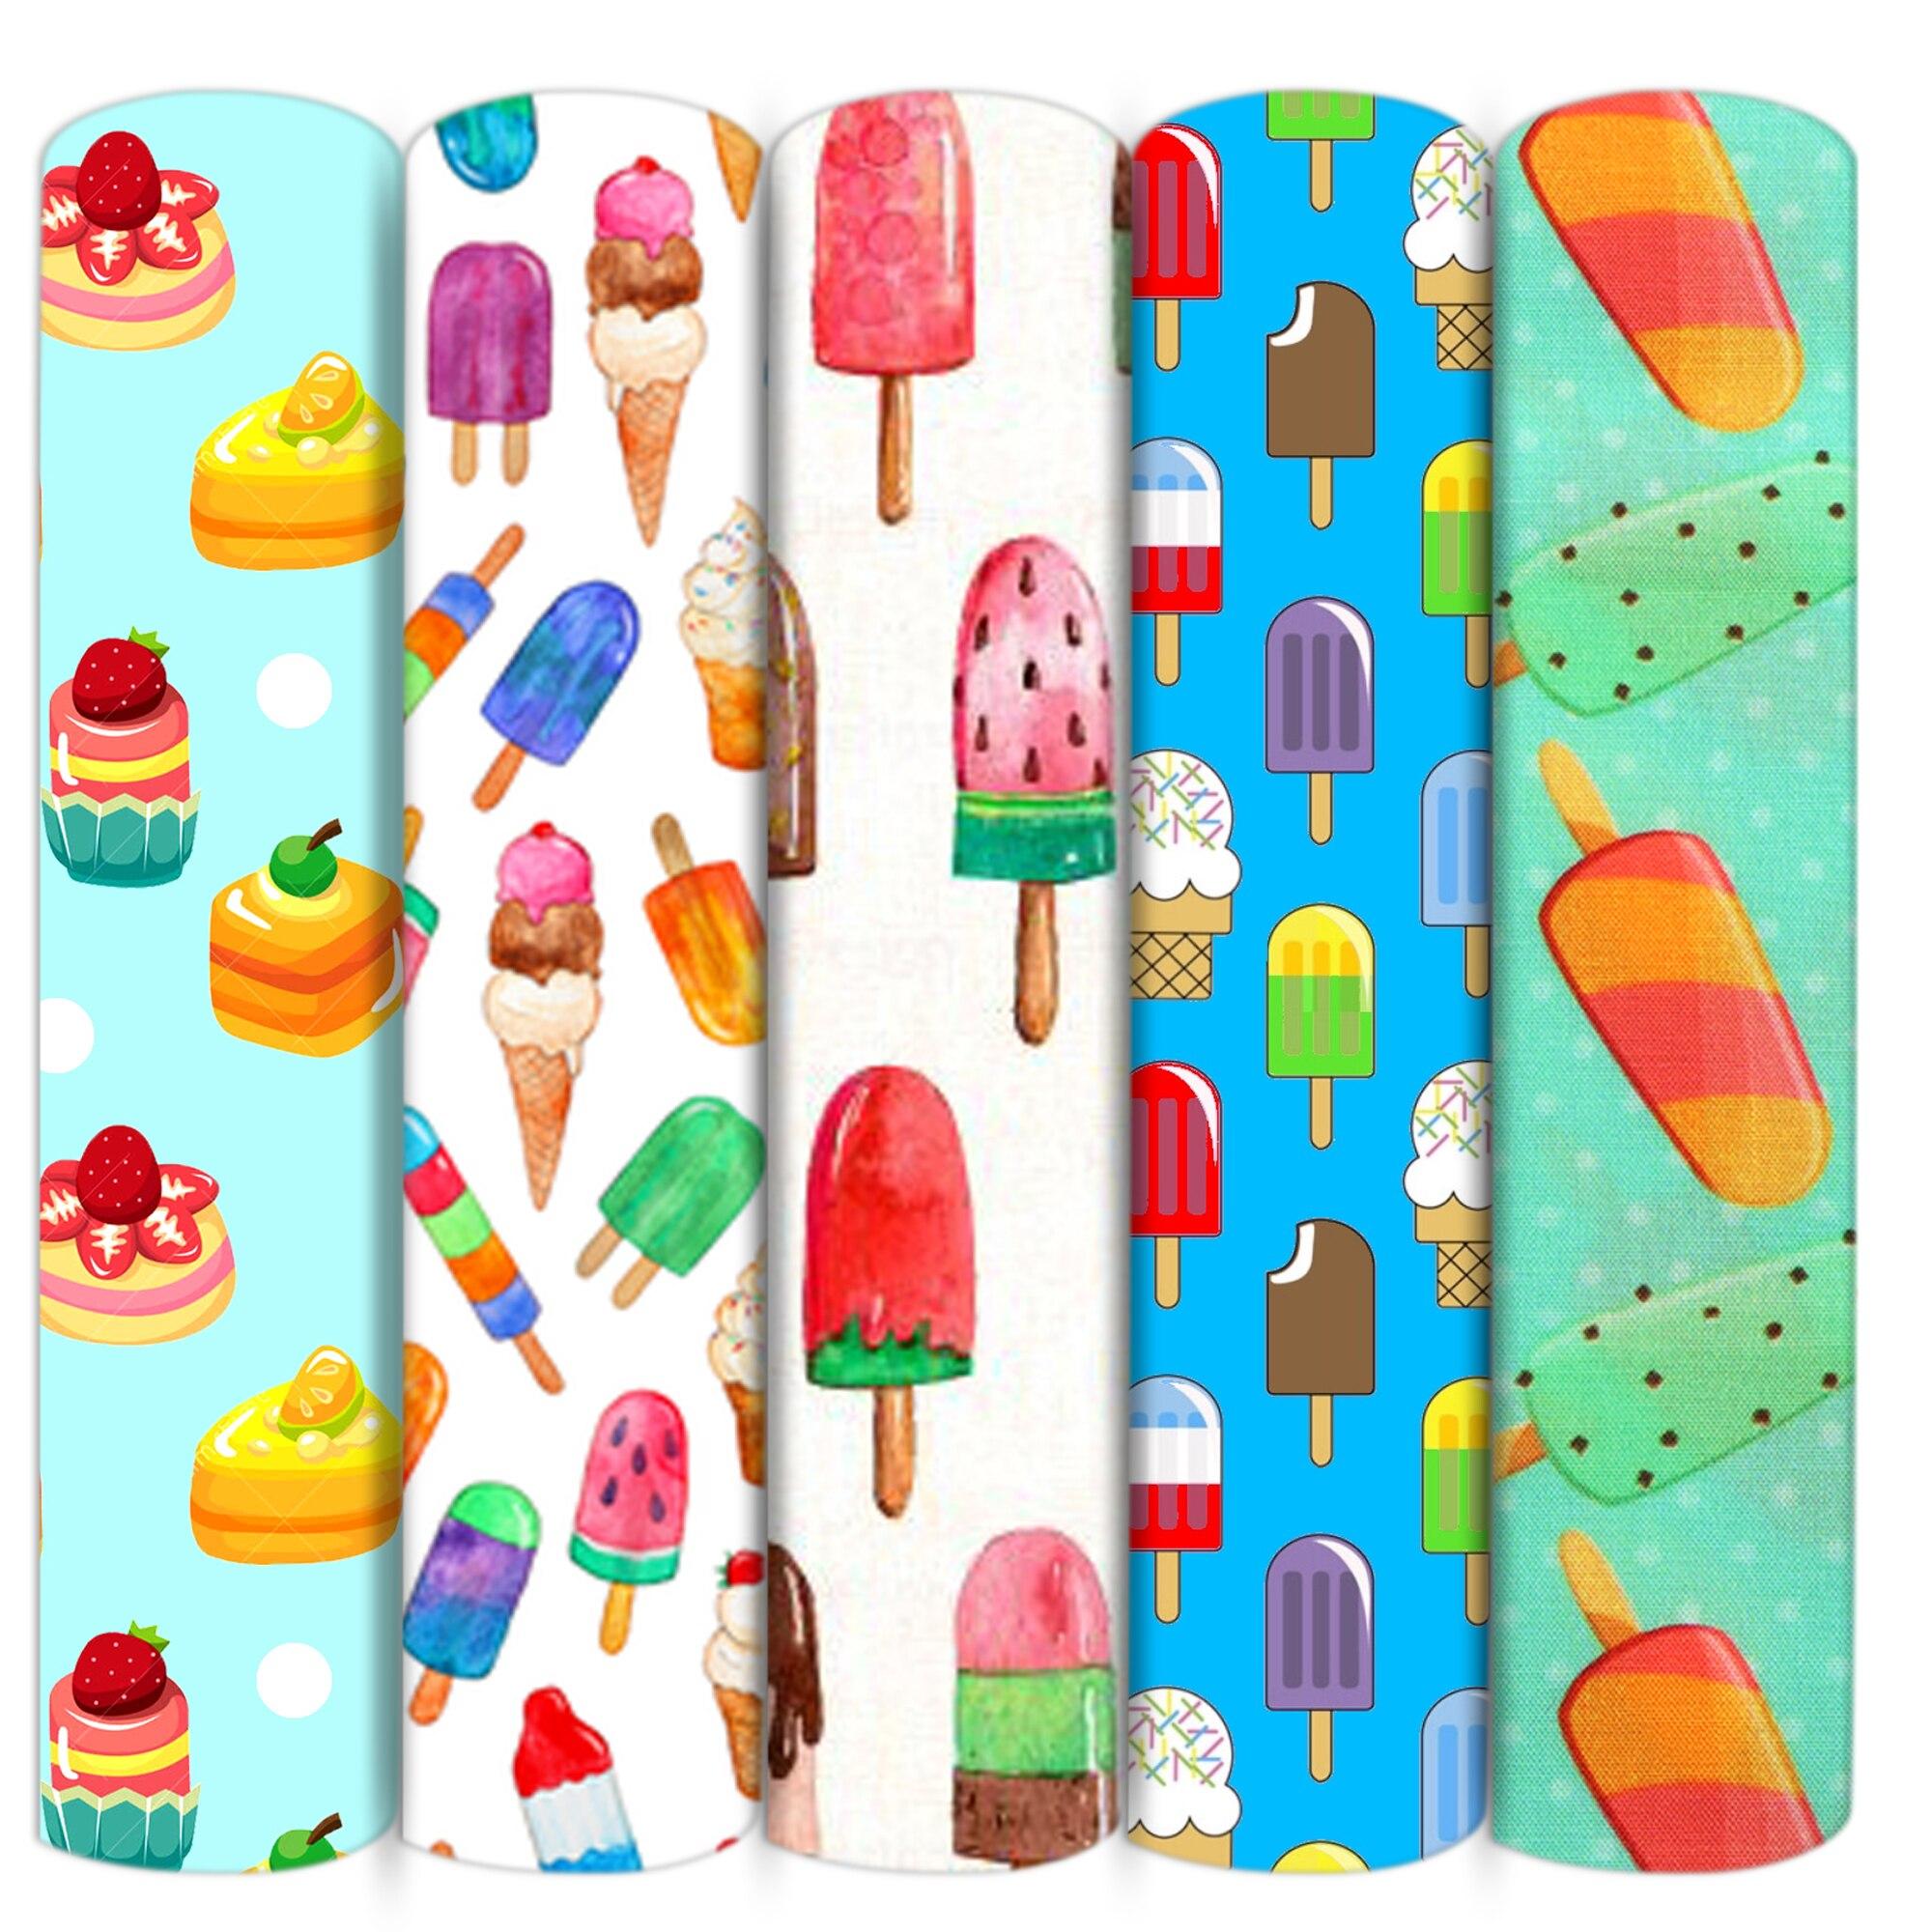 Мороженое кекс полиэфир хлопчатобумажной ткани, из кусков, для шитья кукол стеганые ткани рукоделие Материал, c16106